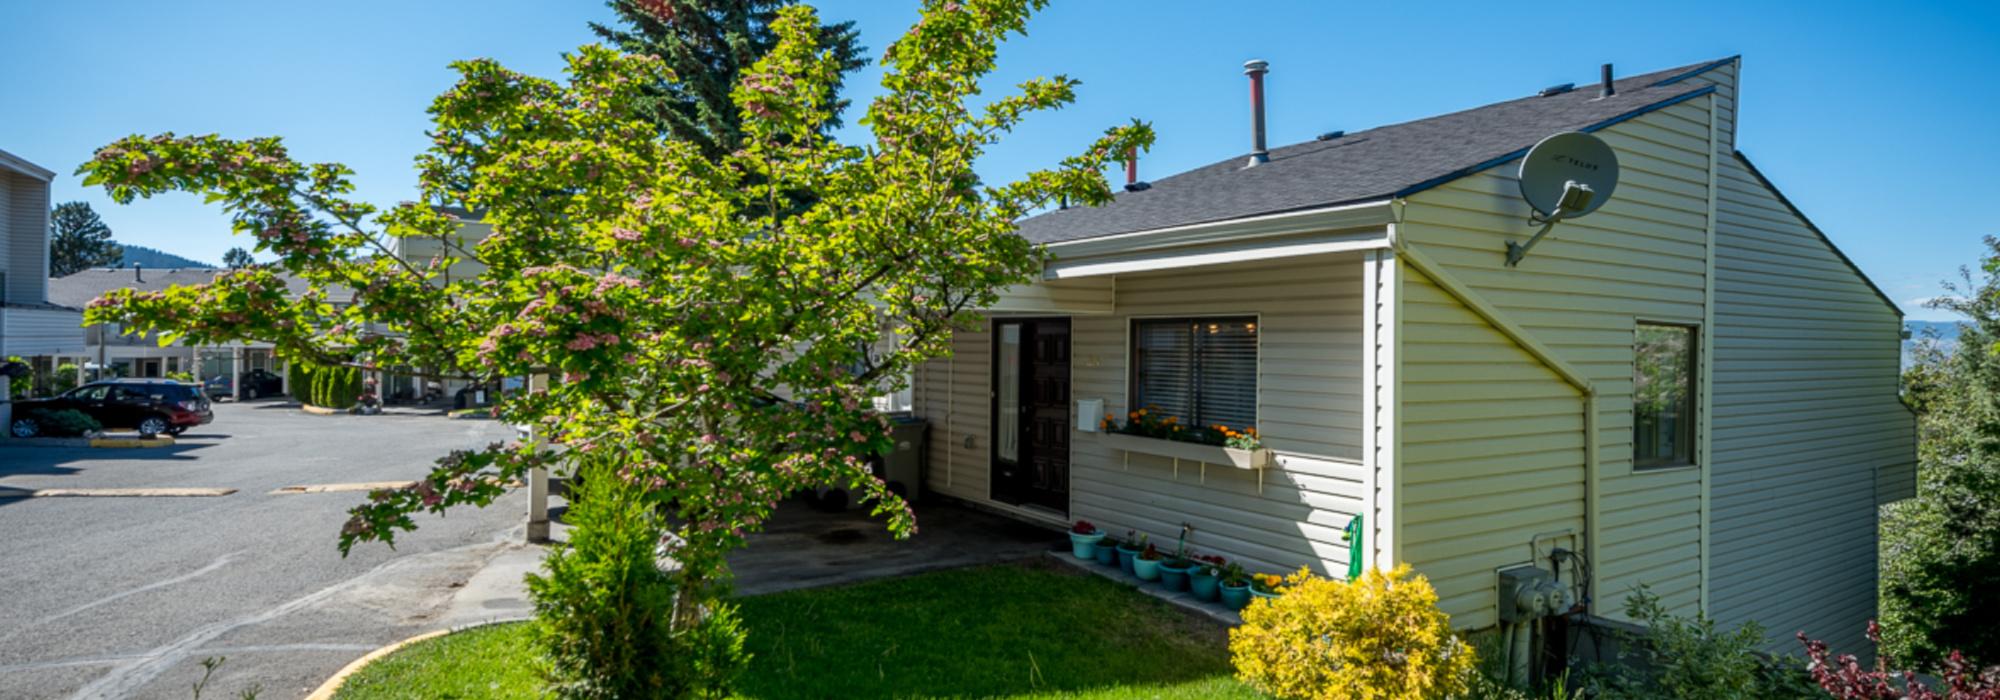 3 Bedroom Townhouse in Sahali – 23-931 Gleneagles Drive